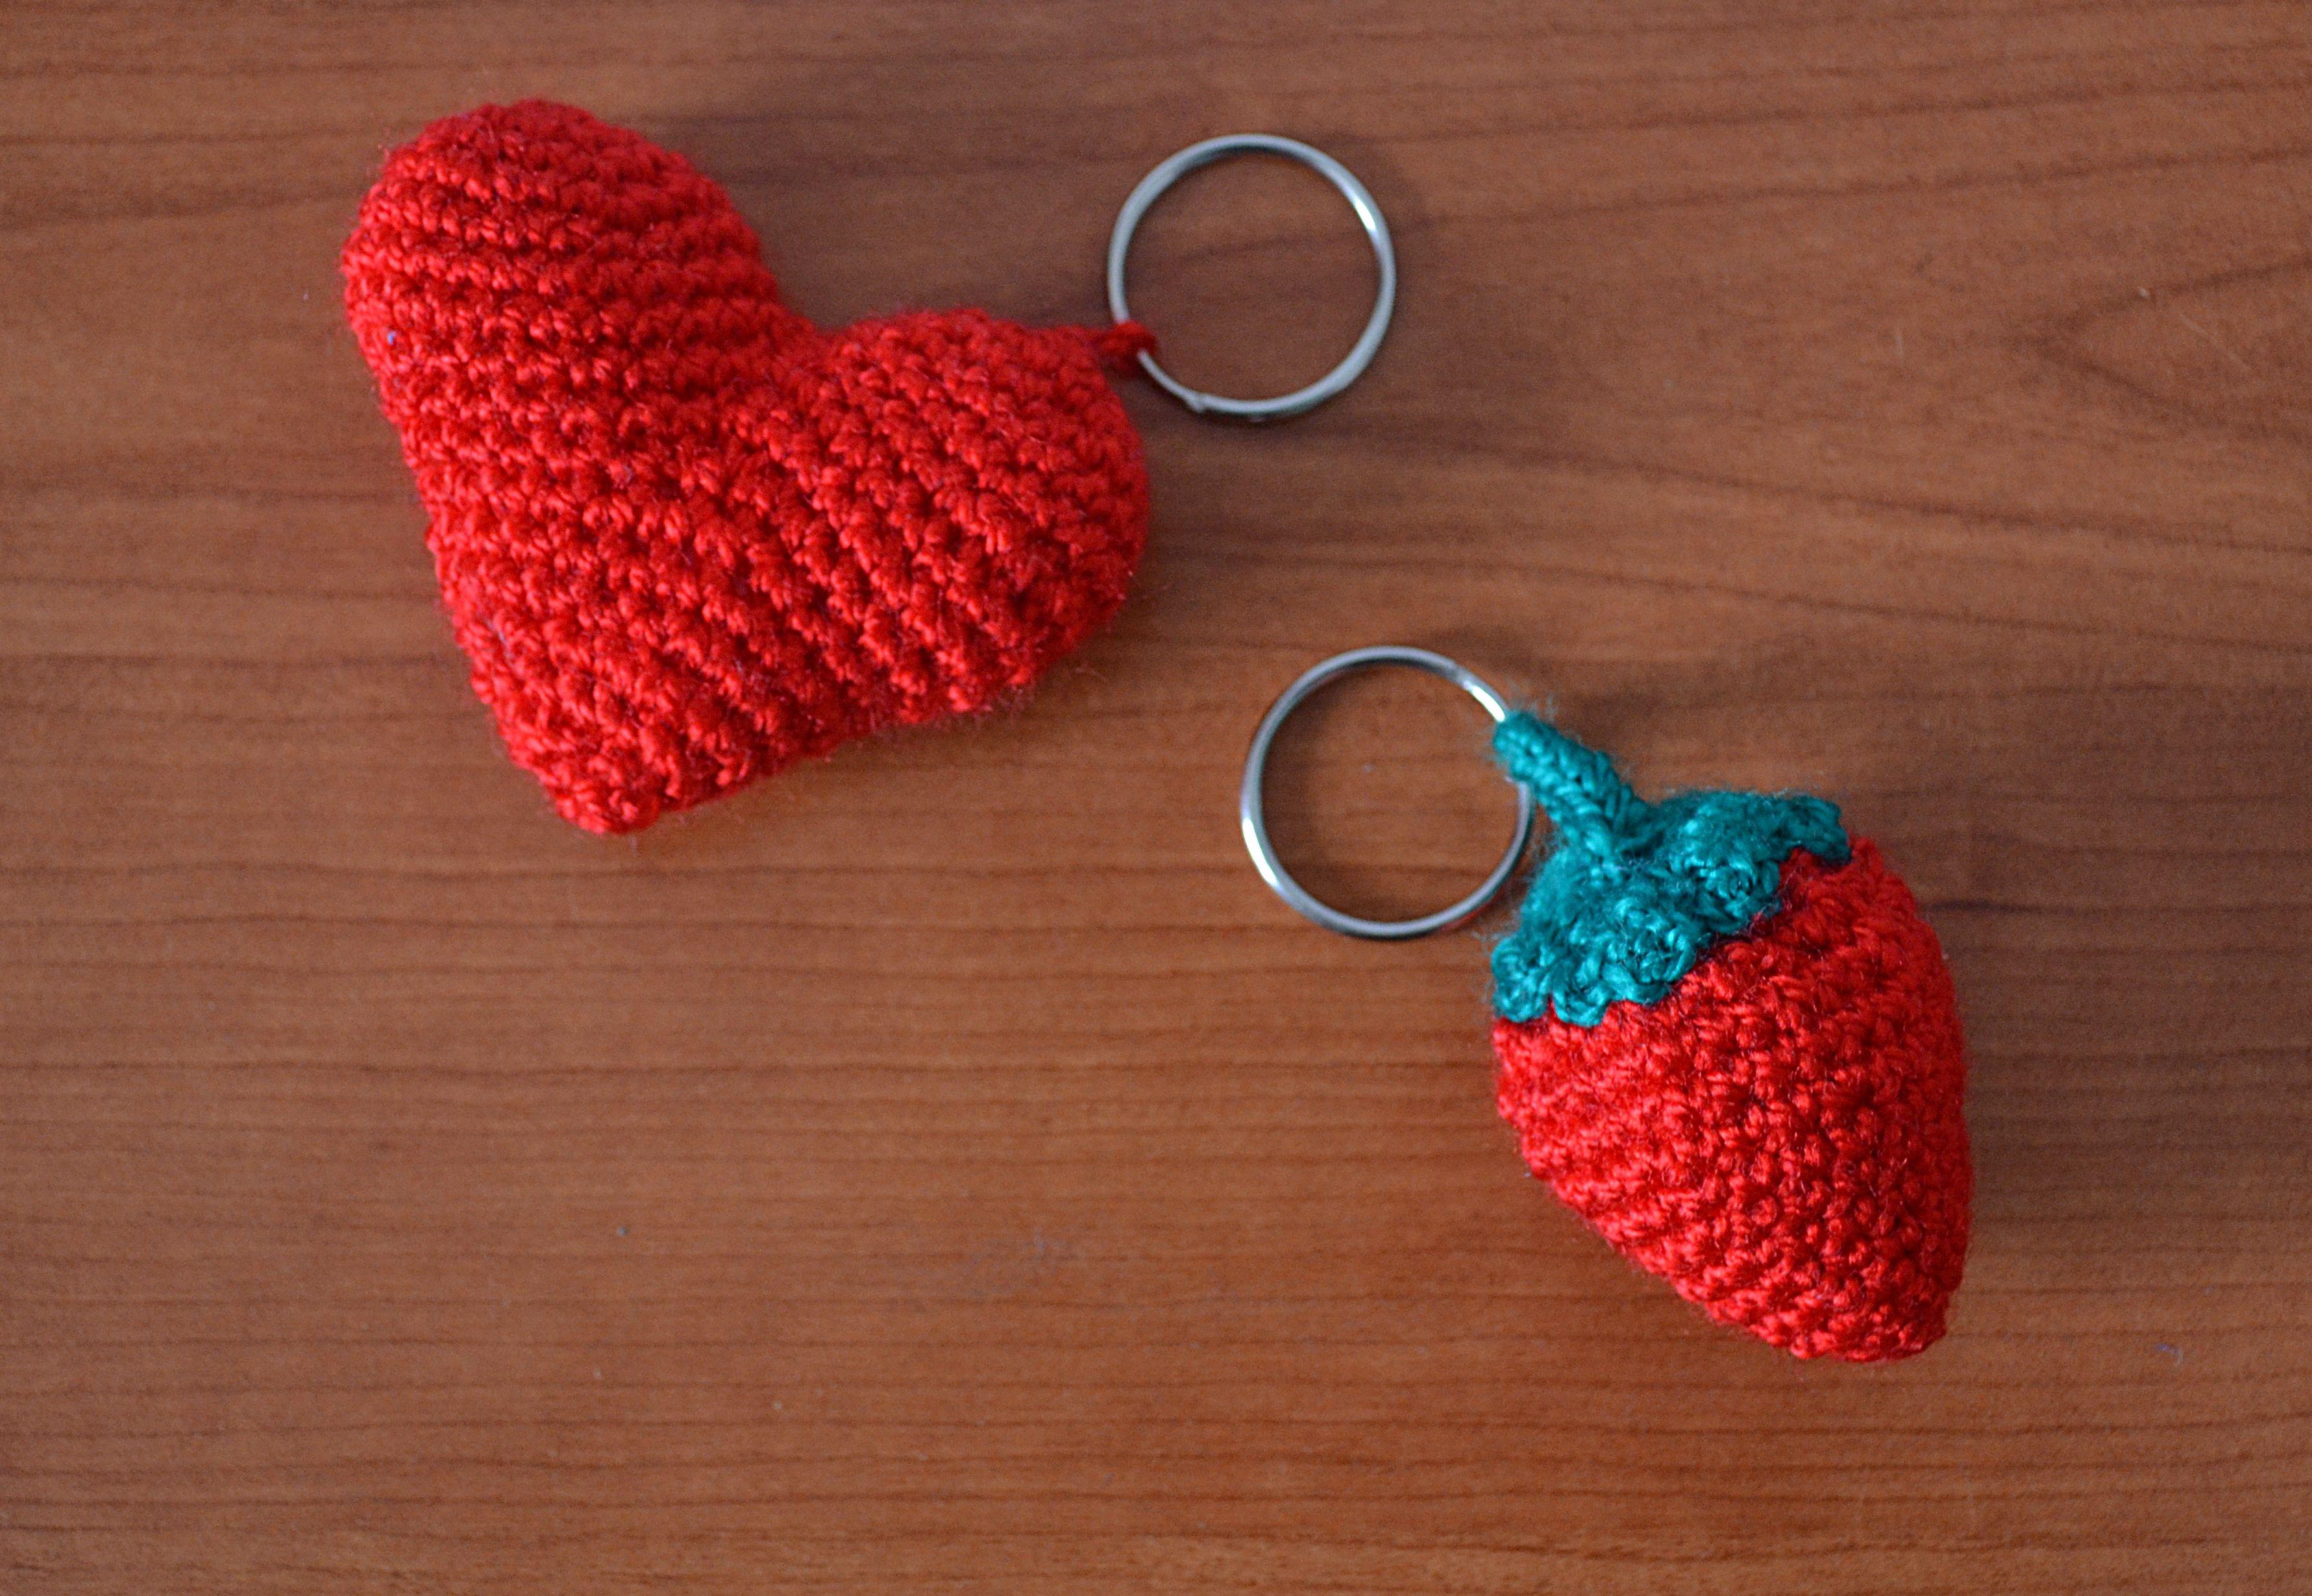 Amigurumi Llavero Corazon : Como tejer un llavero de corazon a crochet margarita knitting